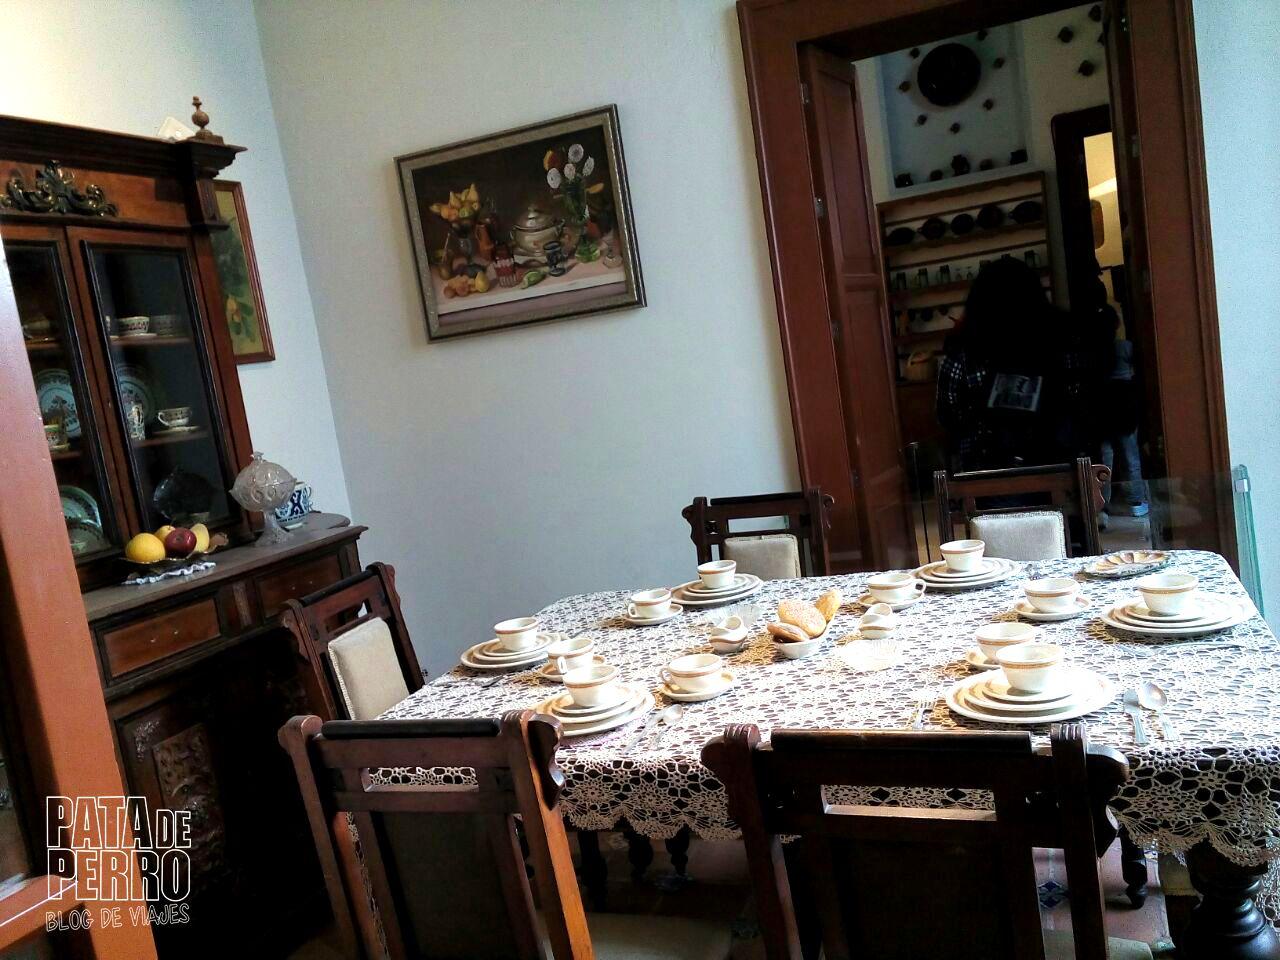 museo-regional-de-la-revolucion-mexicana-casa-de-los-hermanos-serdan-pata-de-perro-blog-de-viajes06